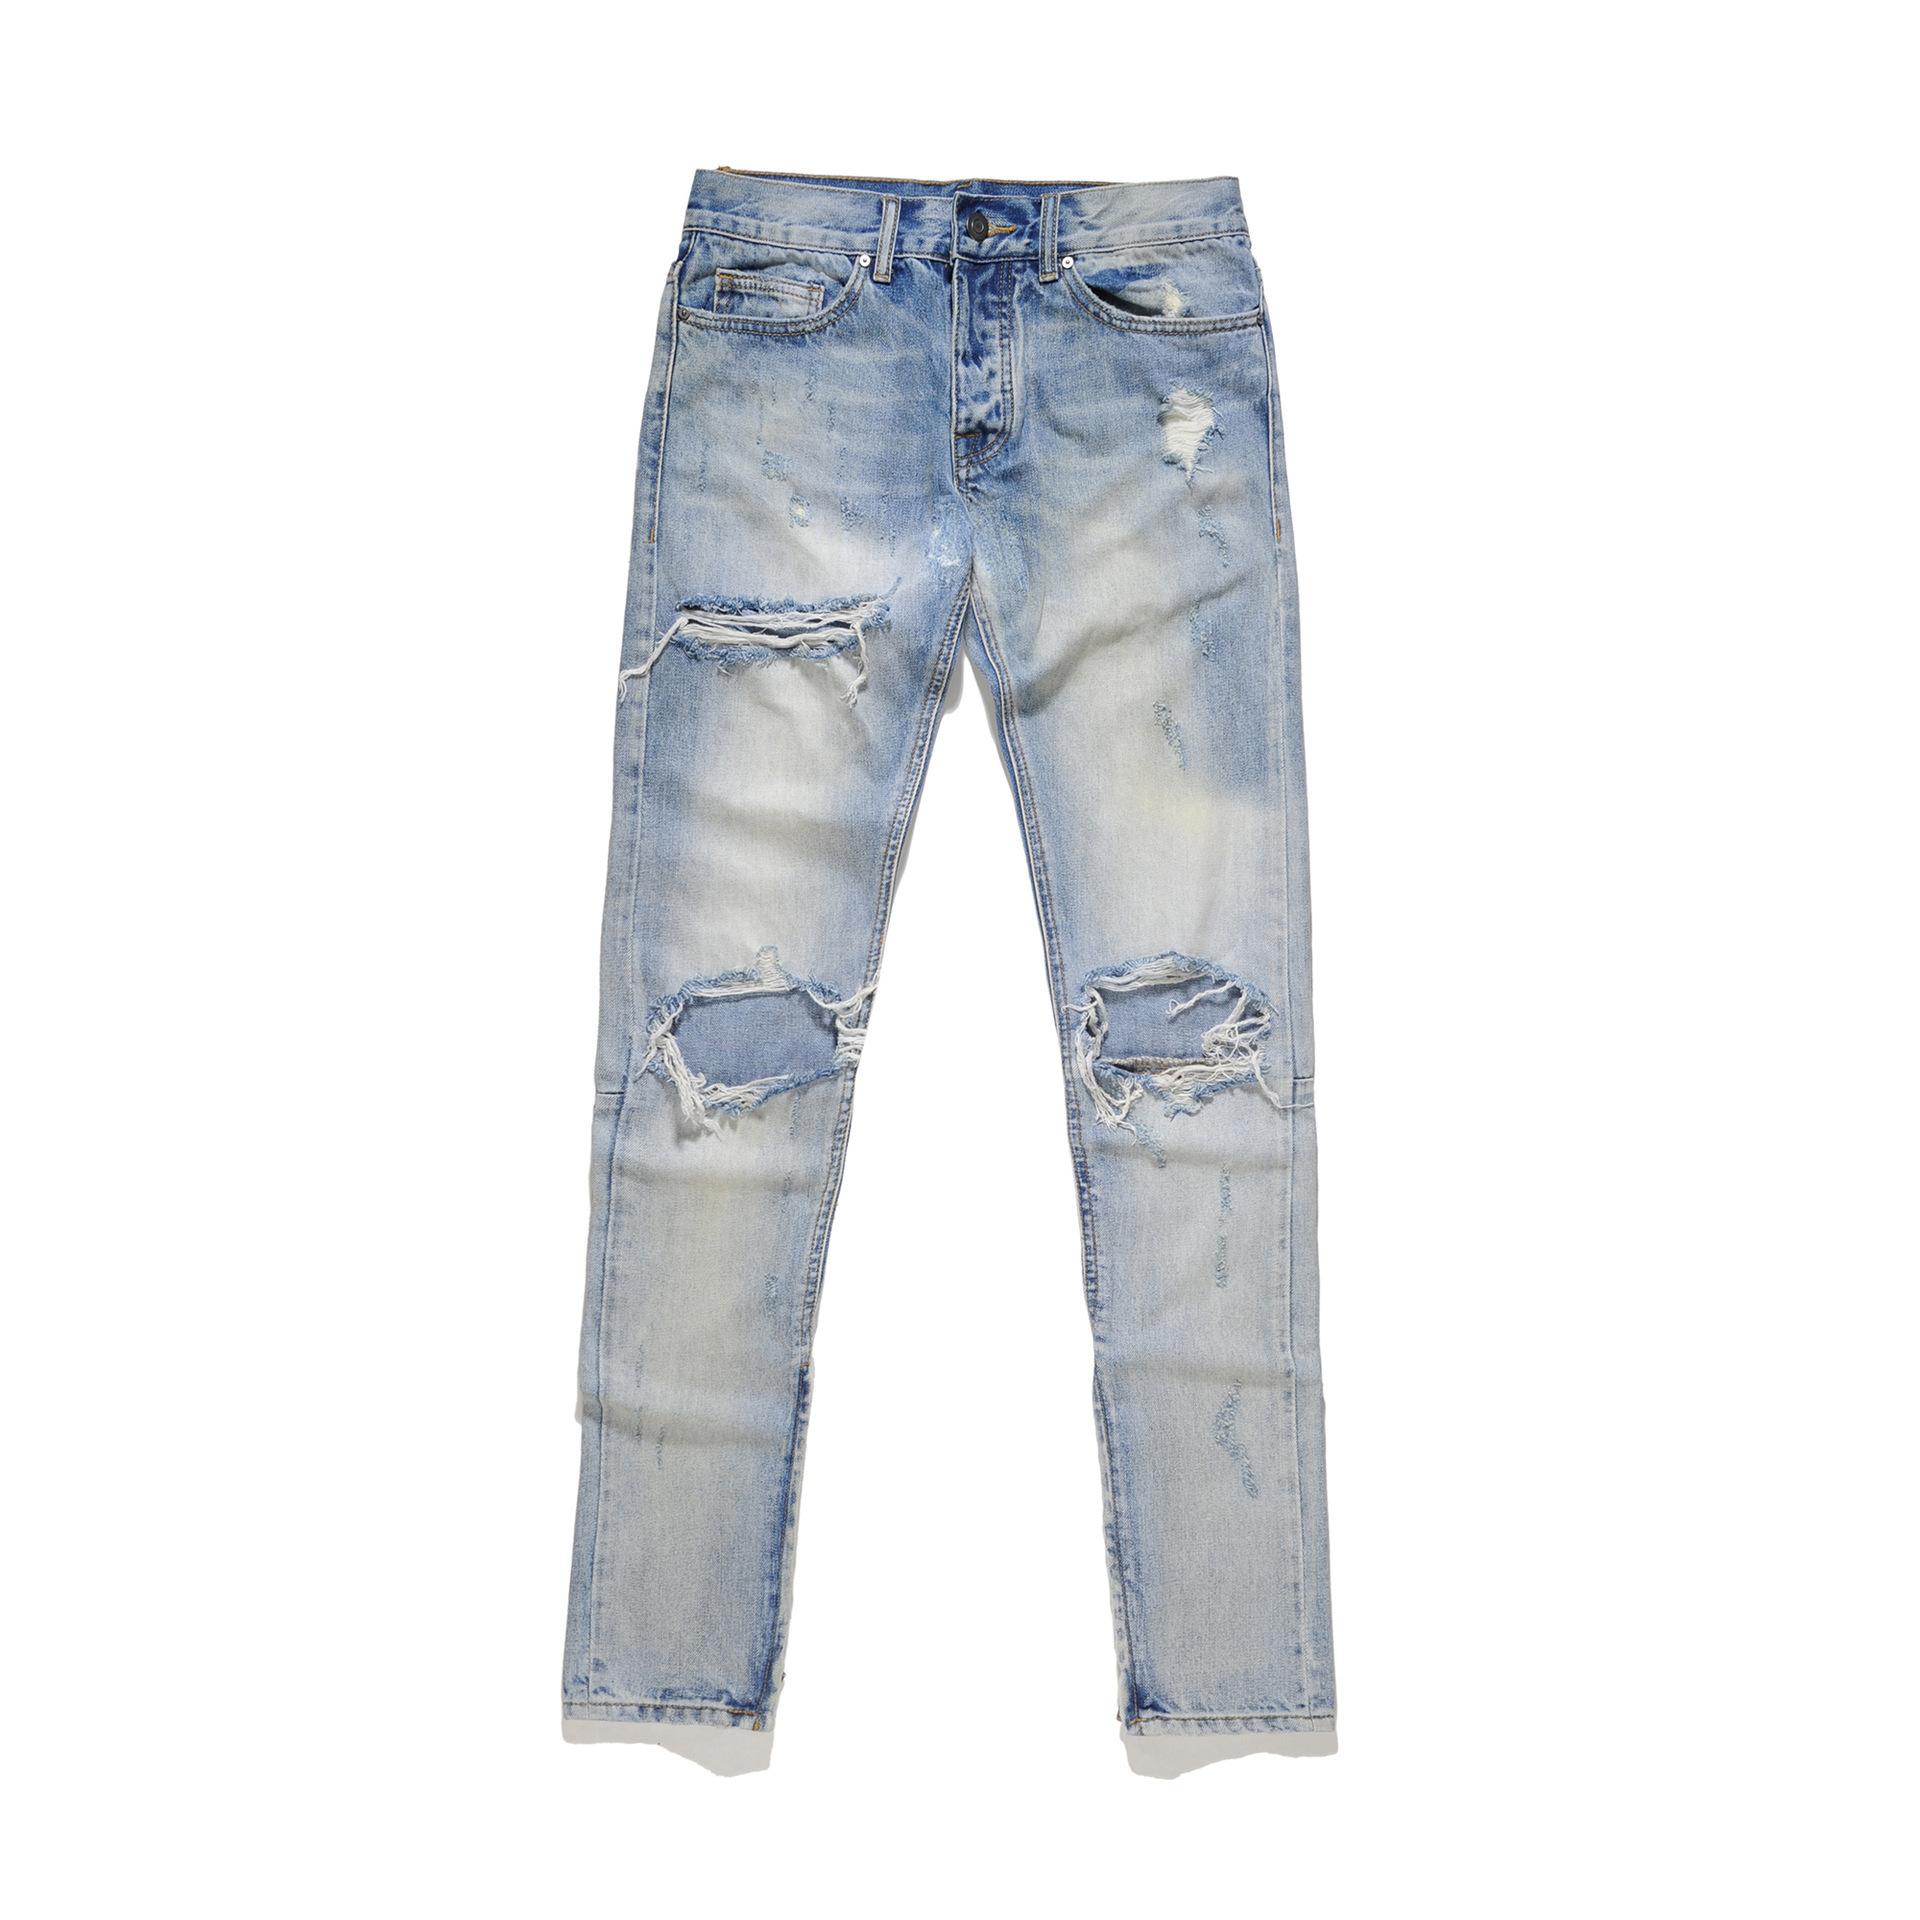 Cool2019 Blue Holes Trend Jeans Hip-hop Street Dance Beggar Pants Student Leisure Time Trousers Bottom Of A Trouser Leg Zipper